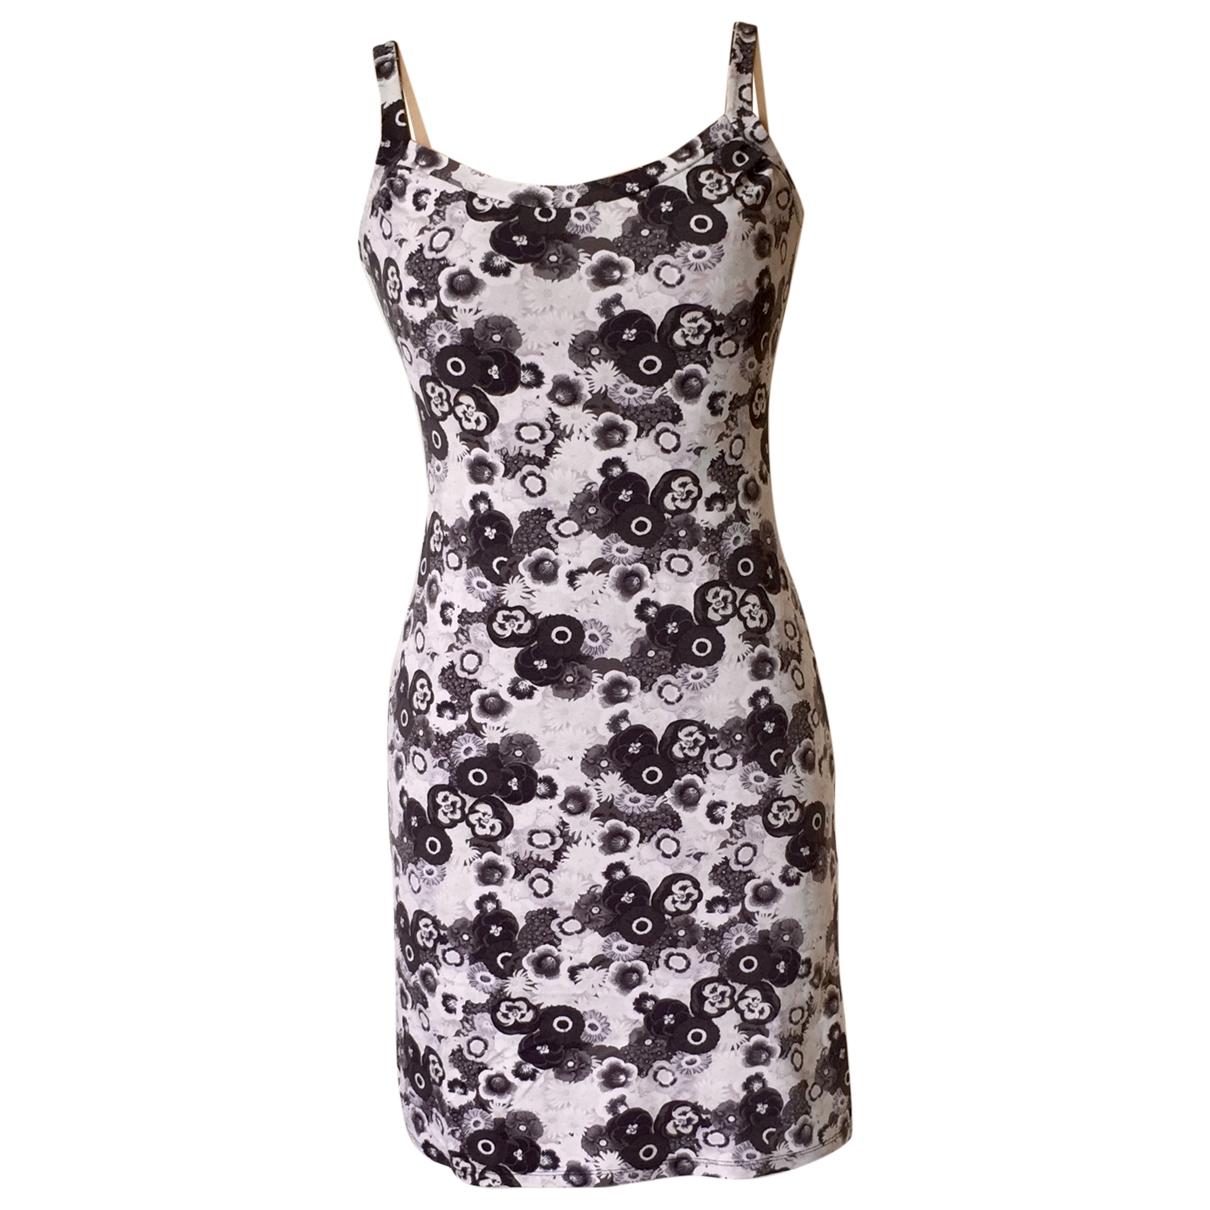 Kenzo \N Kleid in  Grau Polyester